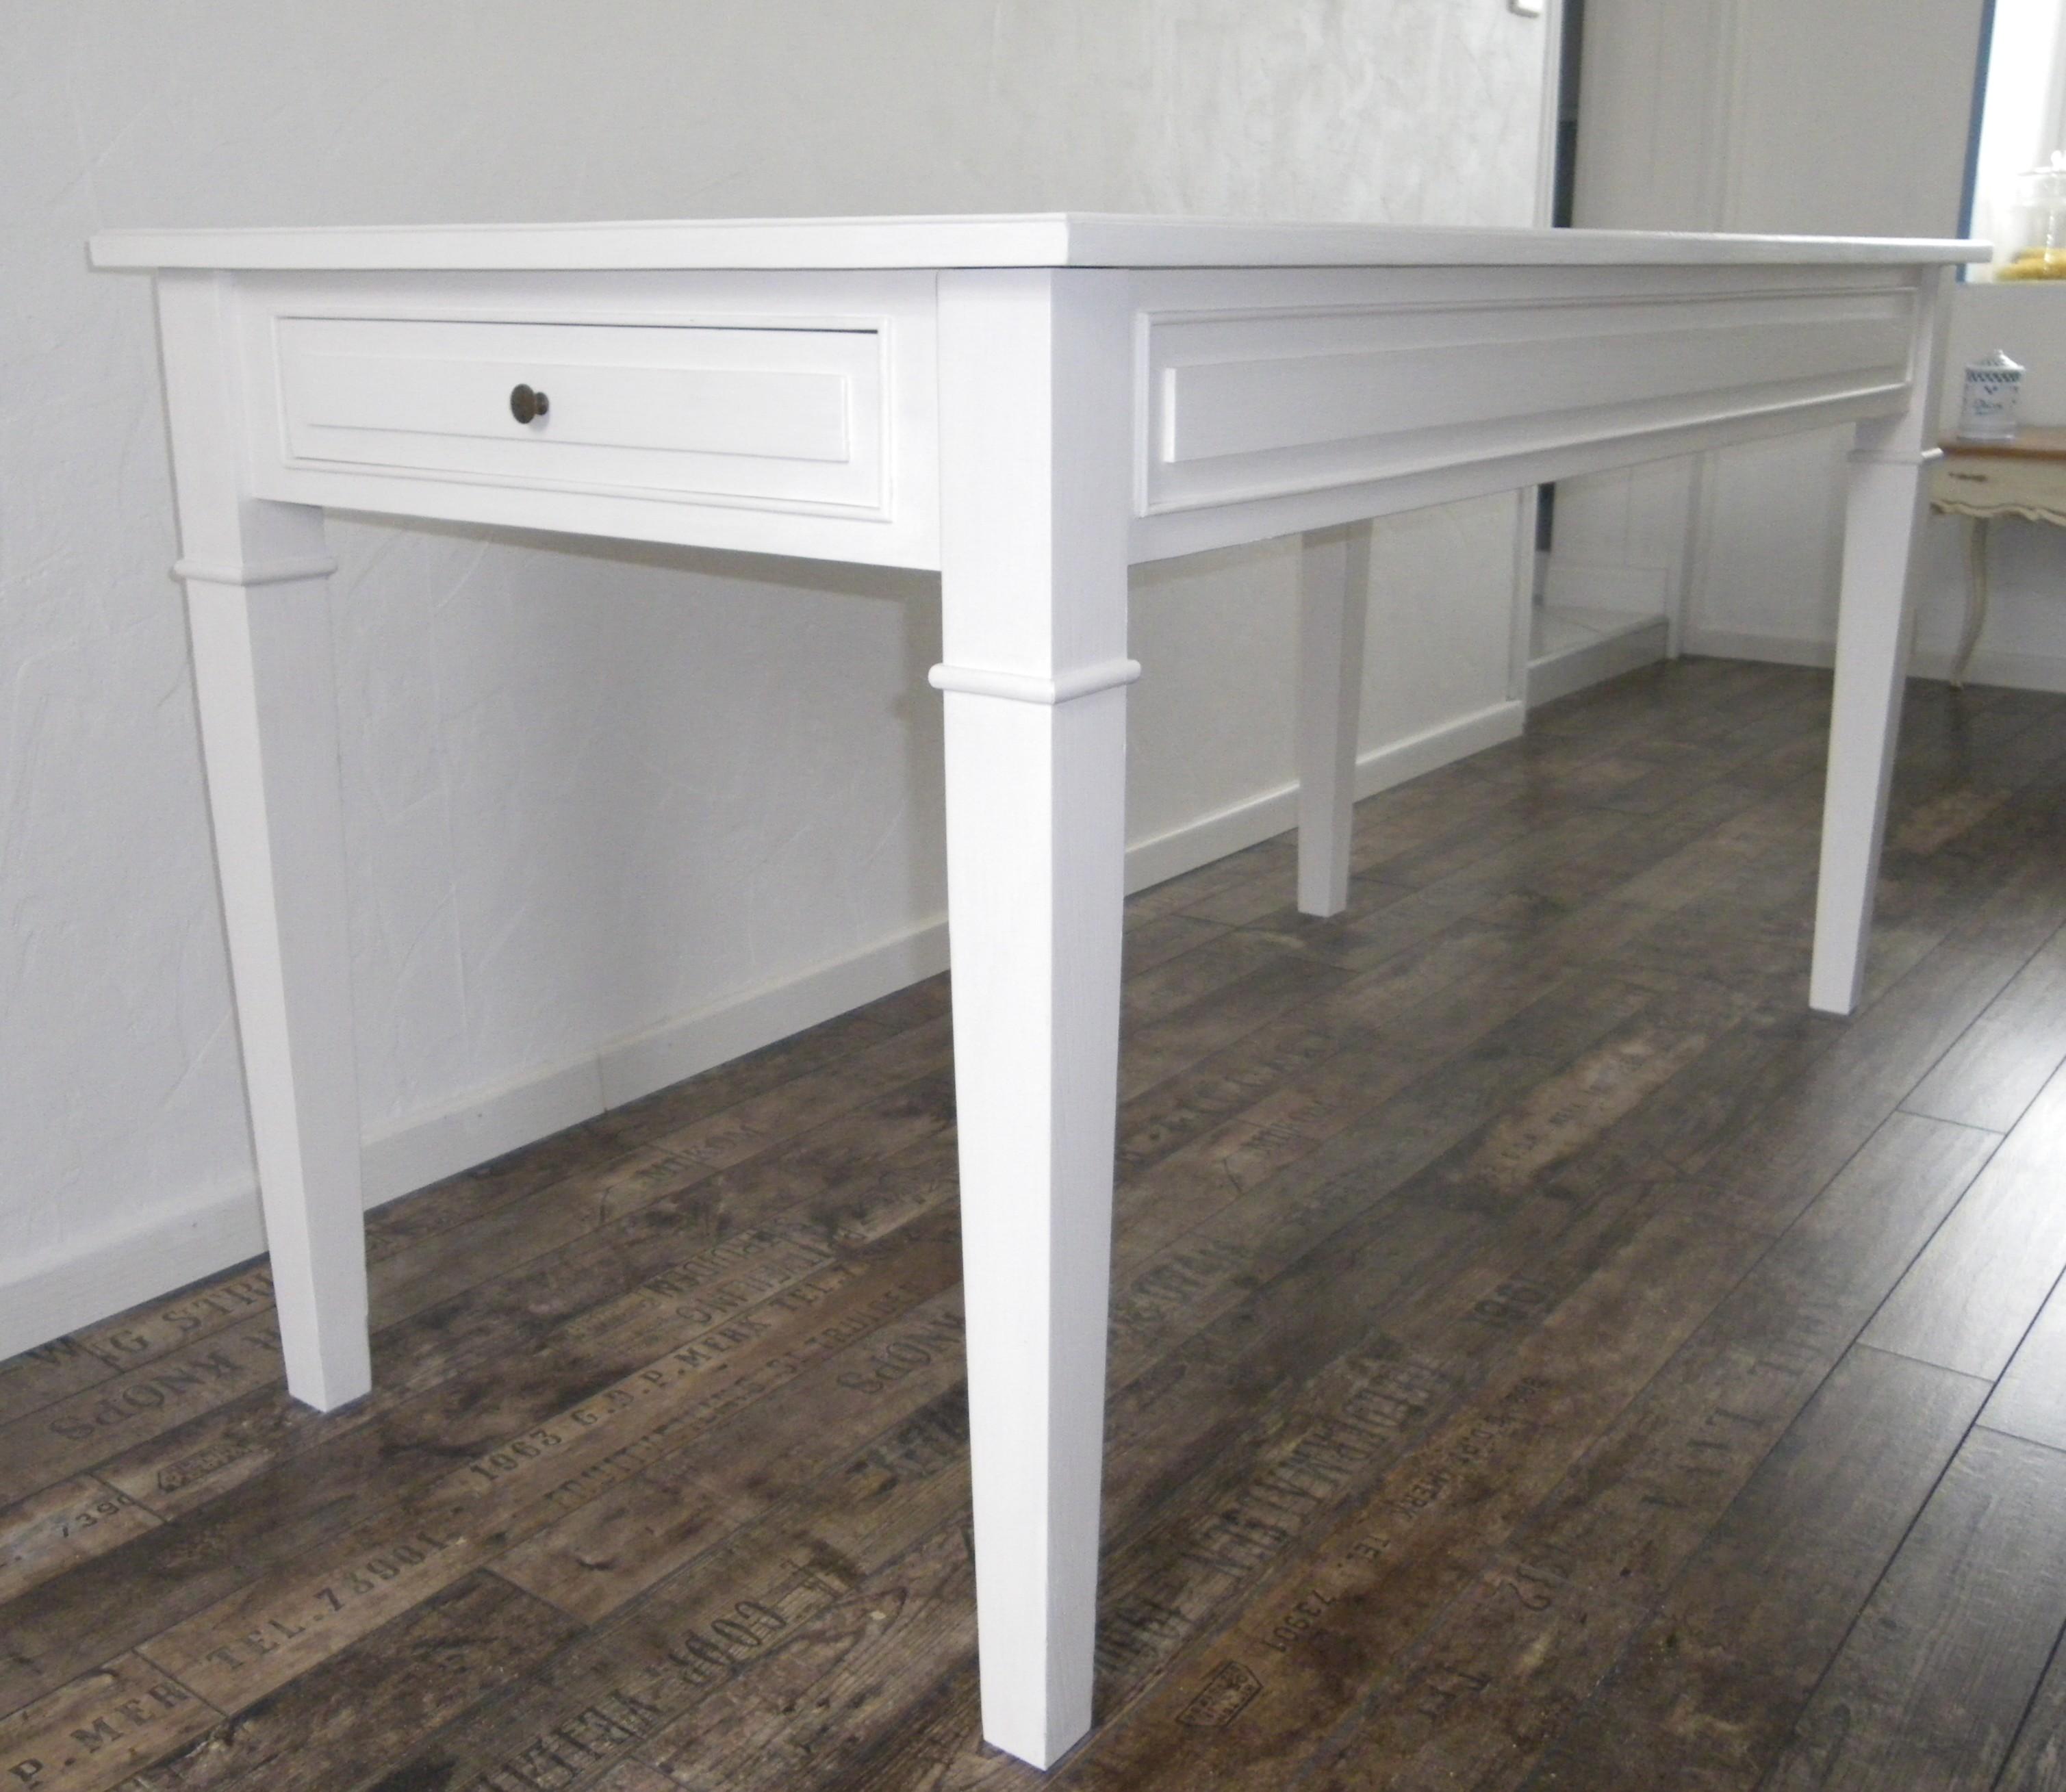 Table de cuisine salle manger peinte blanche anjoudeco - Table de cuisine ancienne ...